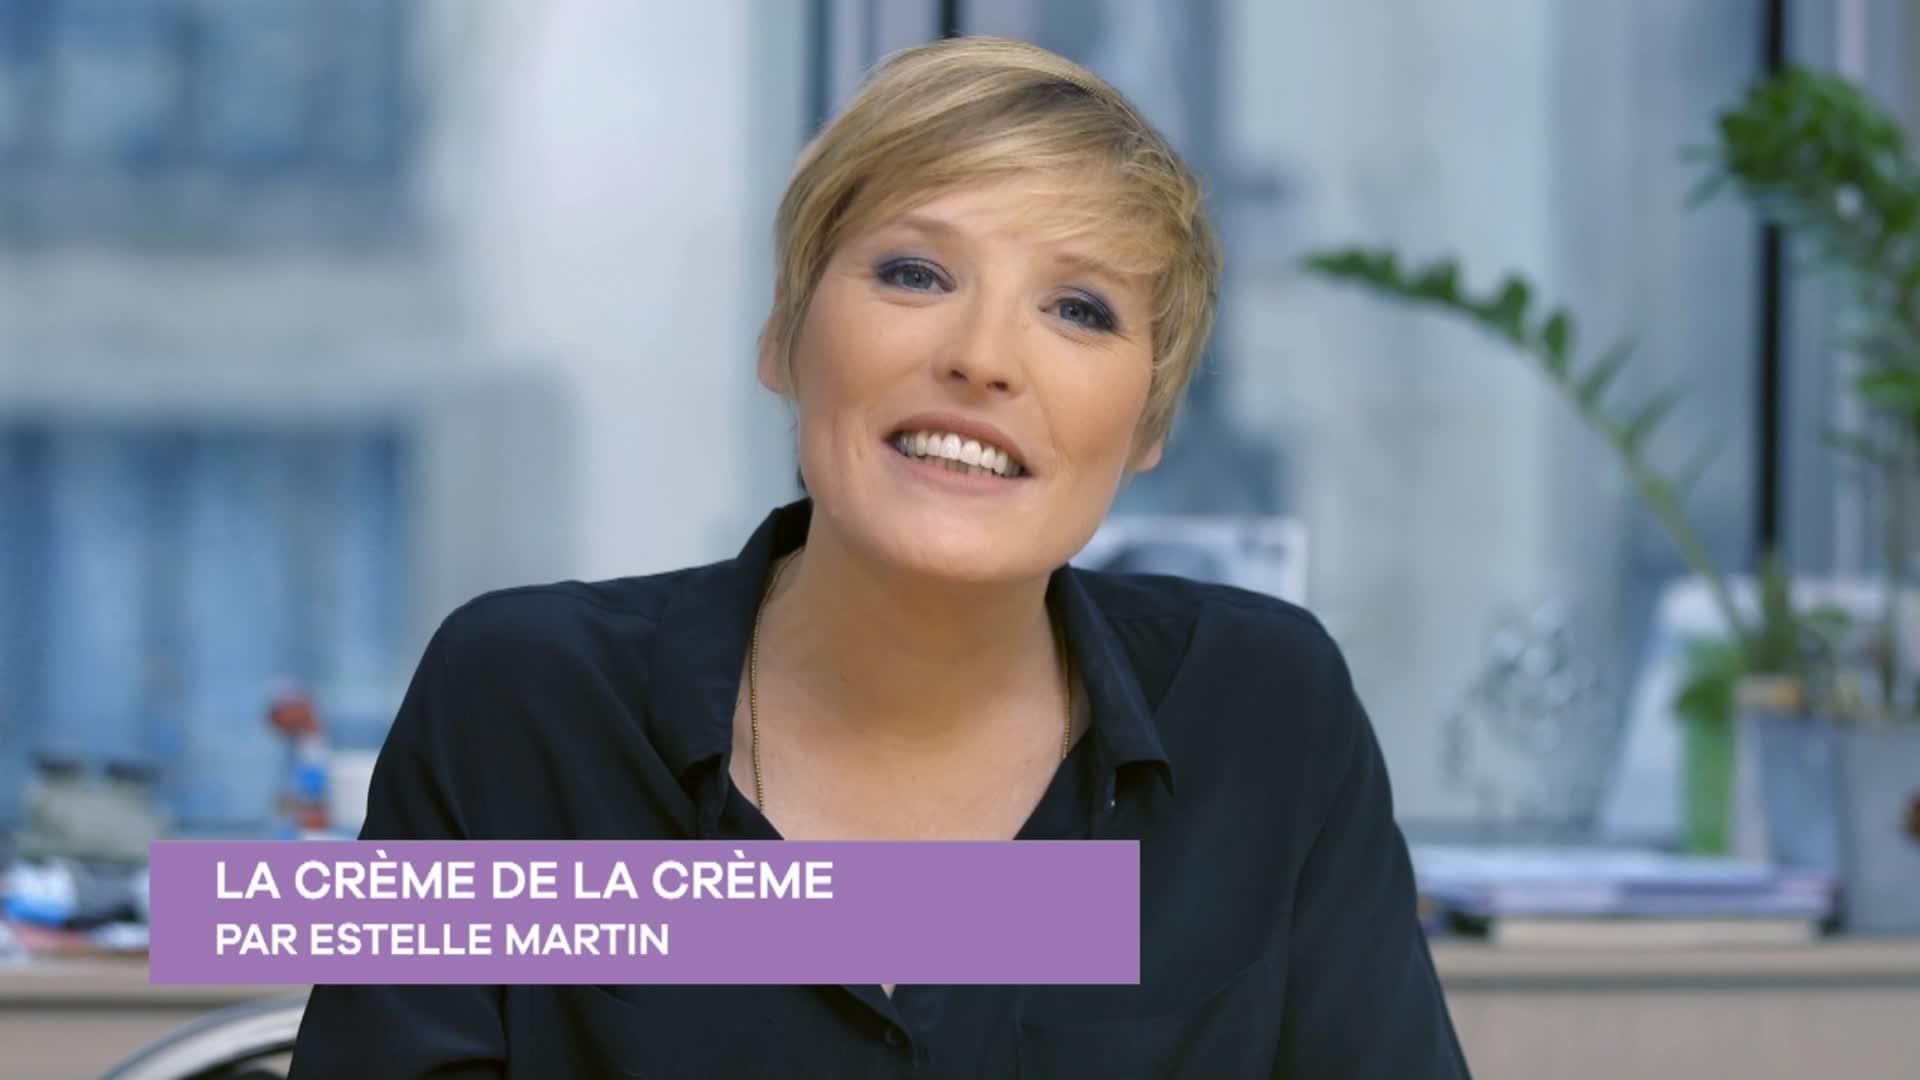 Estelle Martin - La crème de la crème